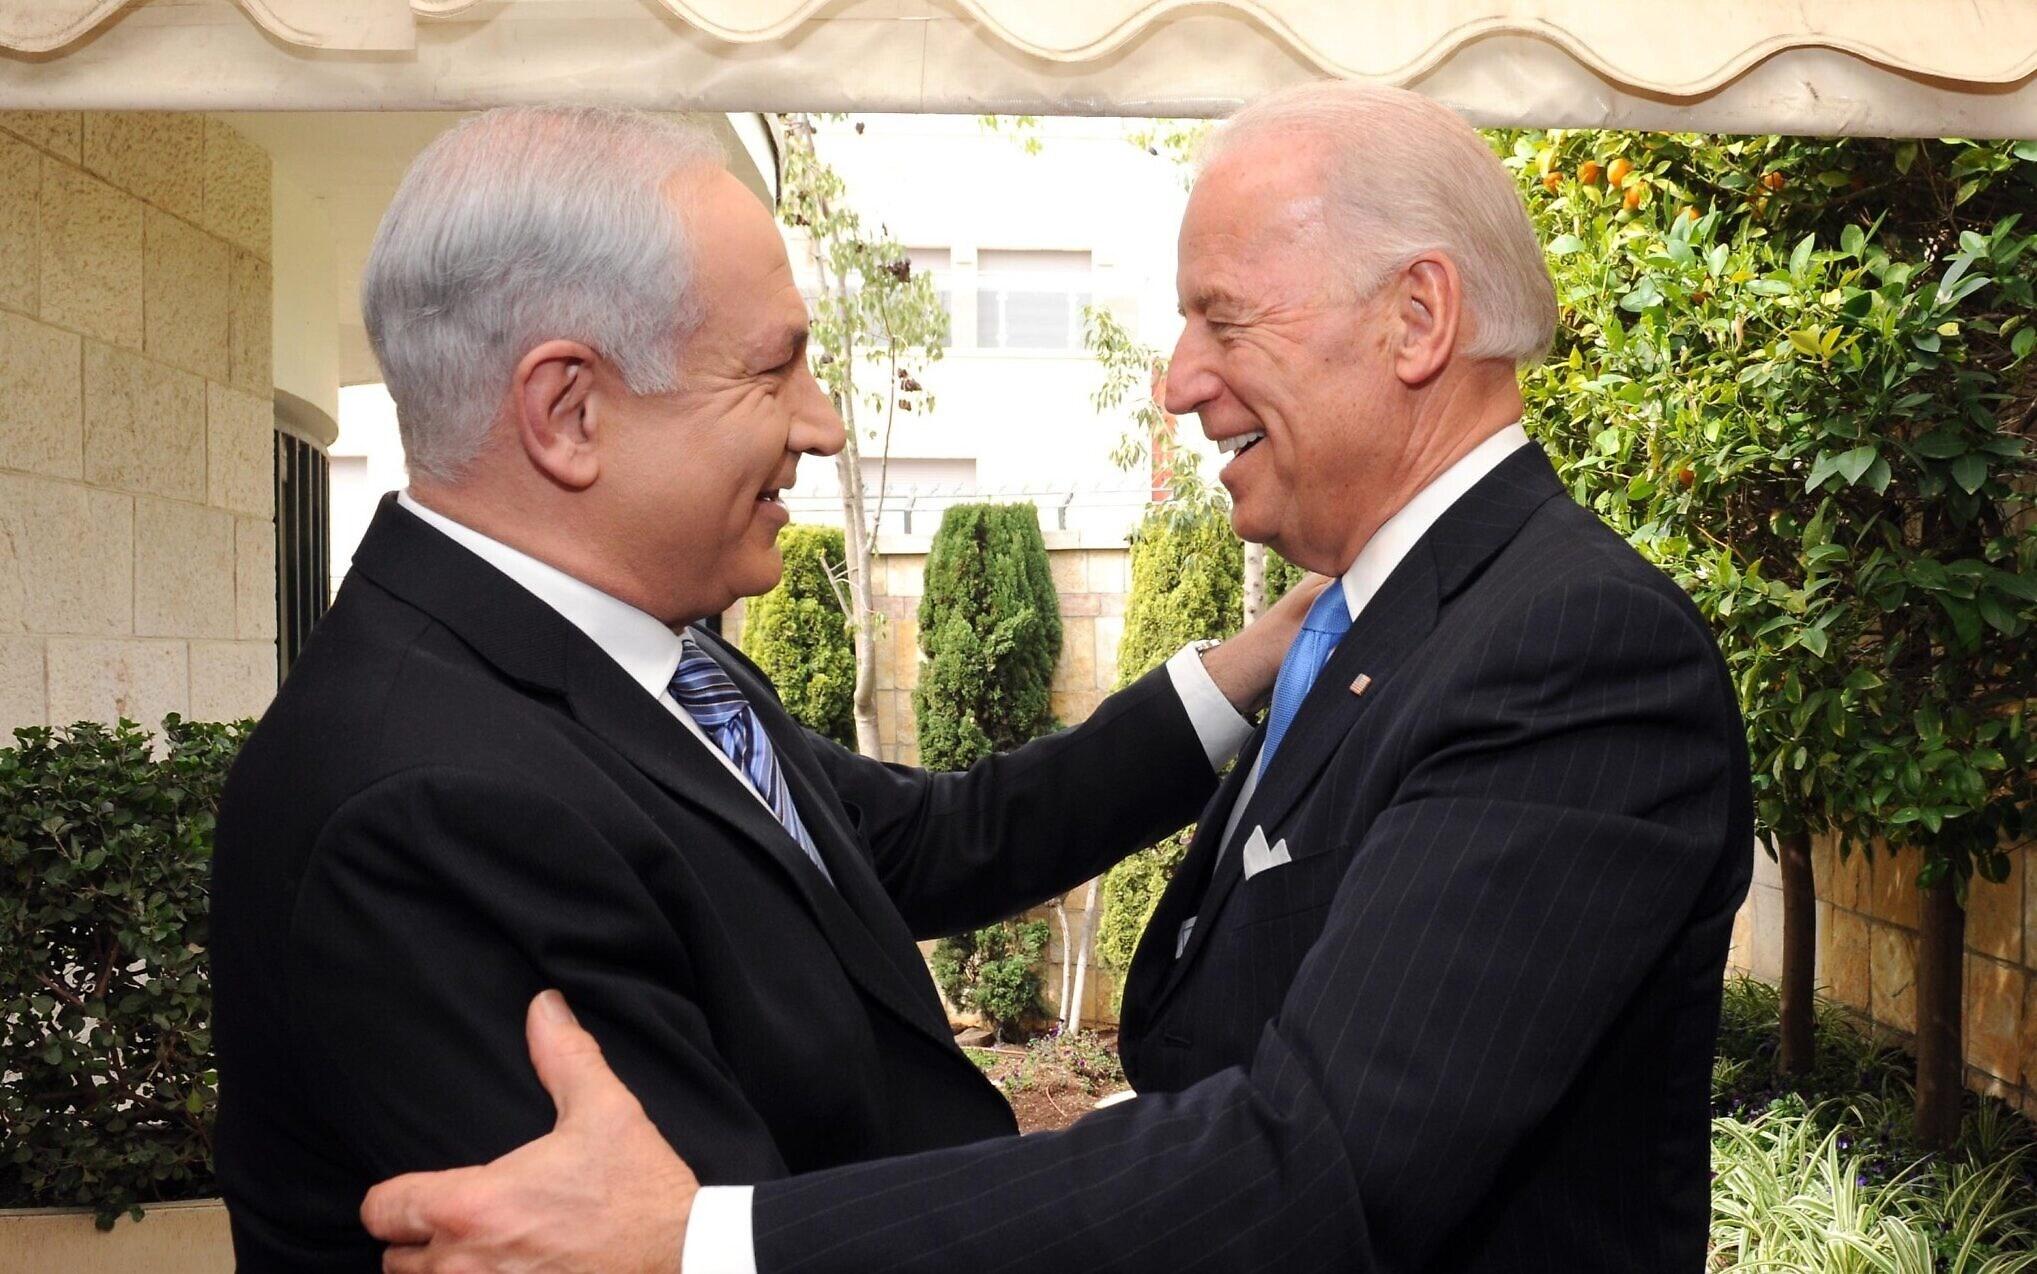 تقدير إسرائيلي: 4 مهام عاجلة لتنفيذها مع إدارة بايدن